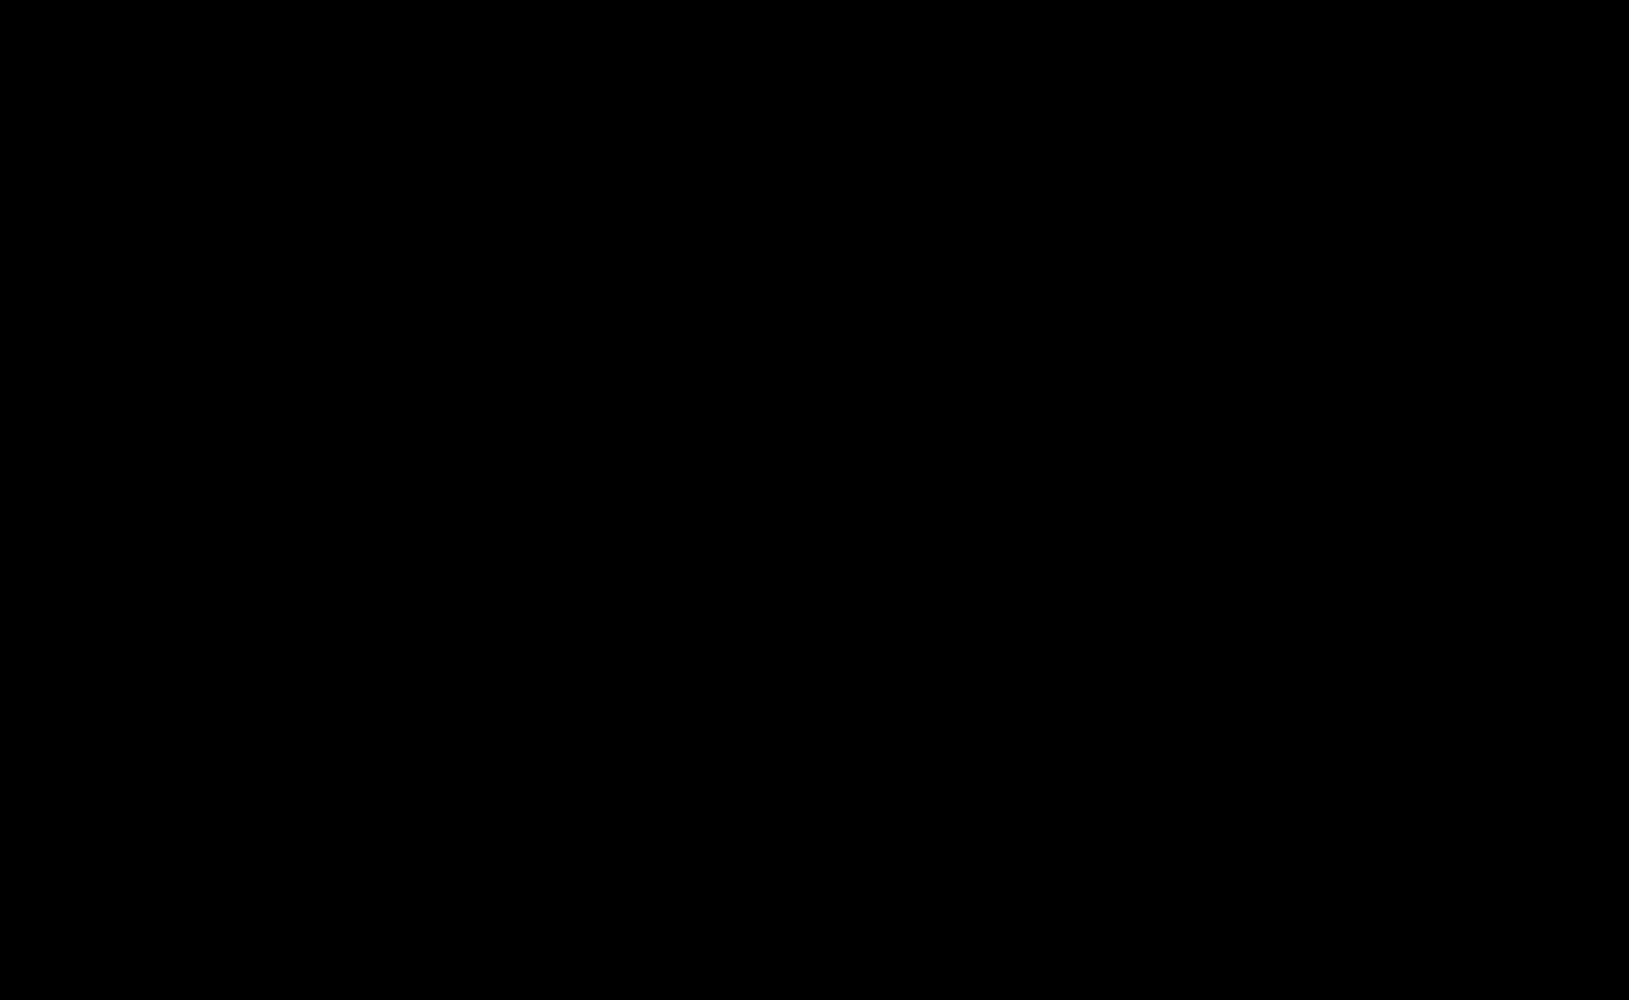 لوگوی بلاگ، متشکل از کاراکترهای قابل تایپ روی کیبورد کامپیوتر، تولیدشده با استفاده از نرمافزار figlet